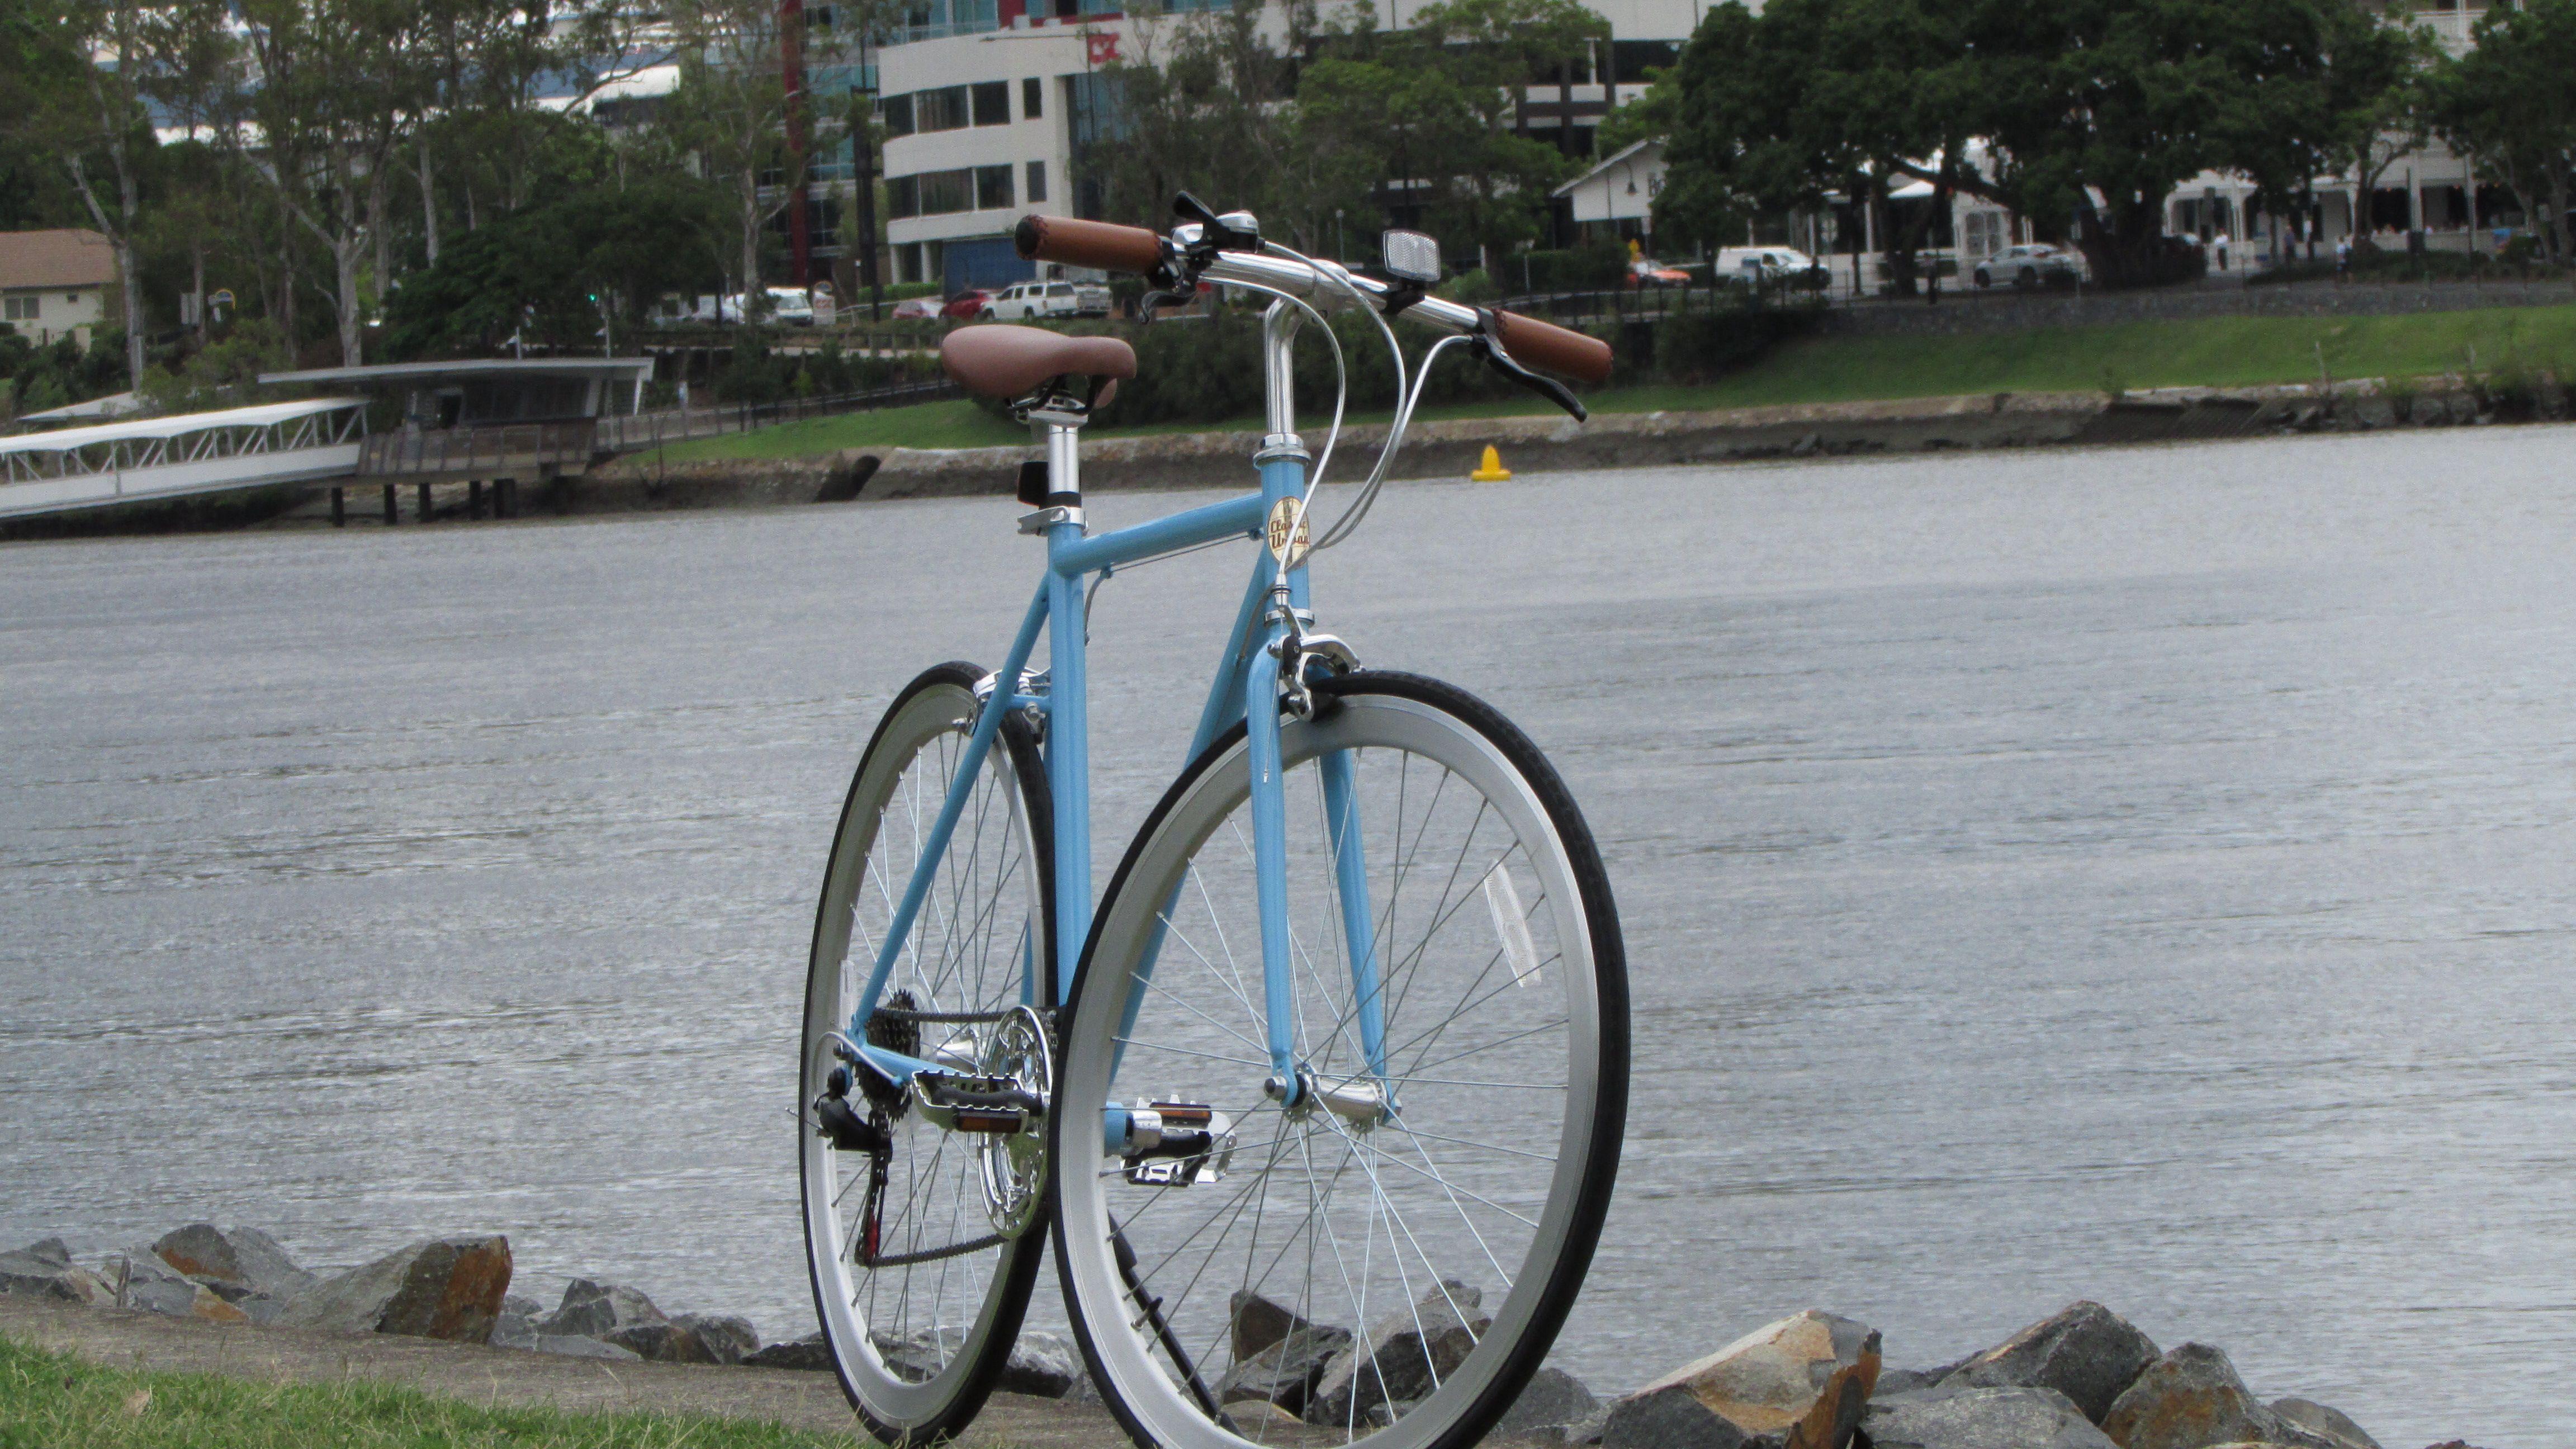 By the Brisbane River, Classic Urban Sport Commuter Bike